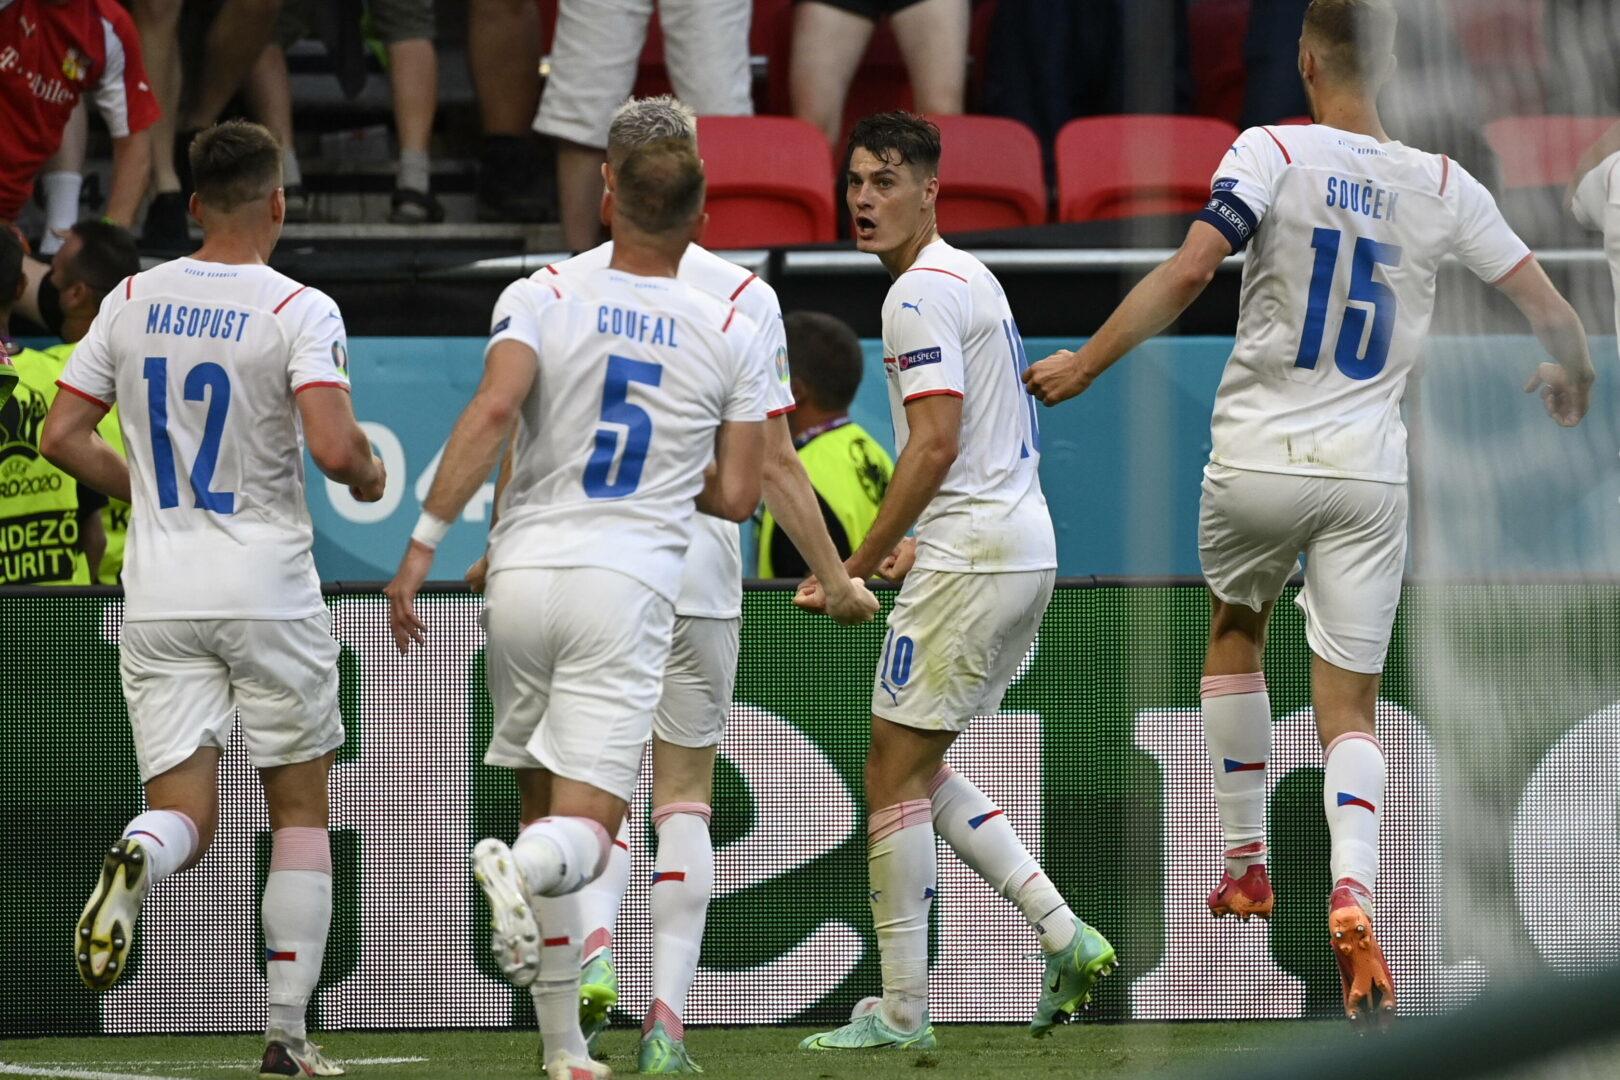 EM 2021 |Tschechien im Viertelfinale: Keine zufällige Entwicklung